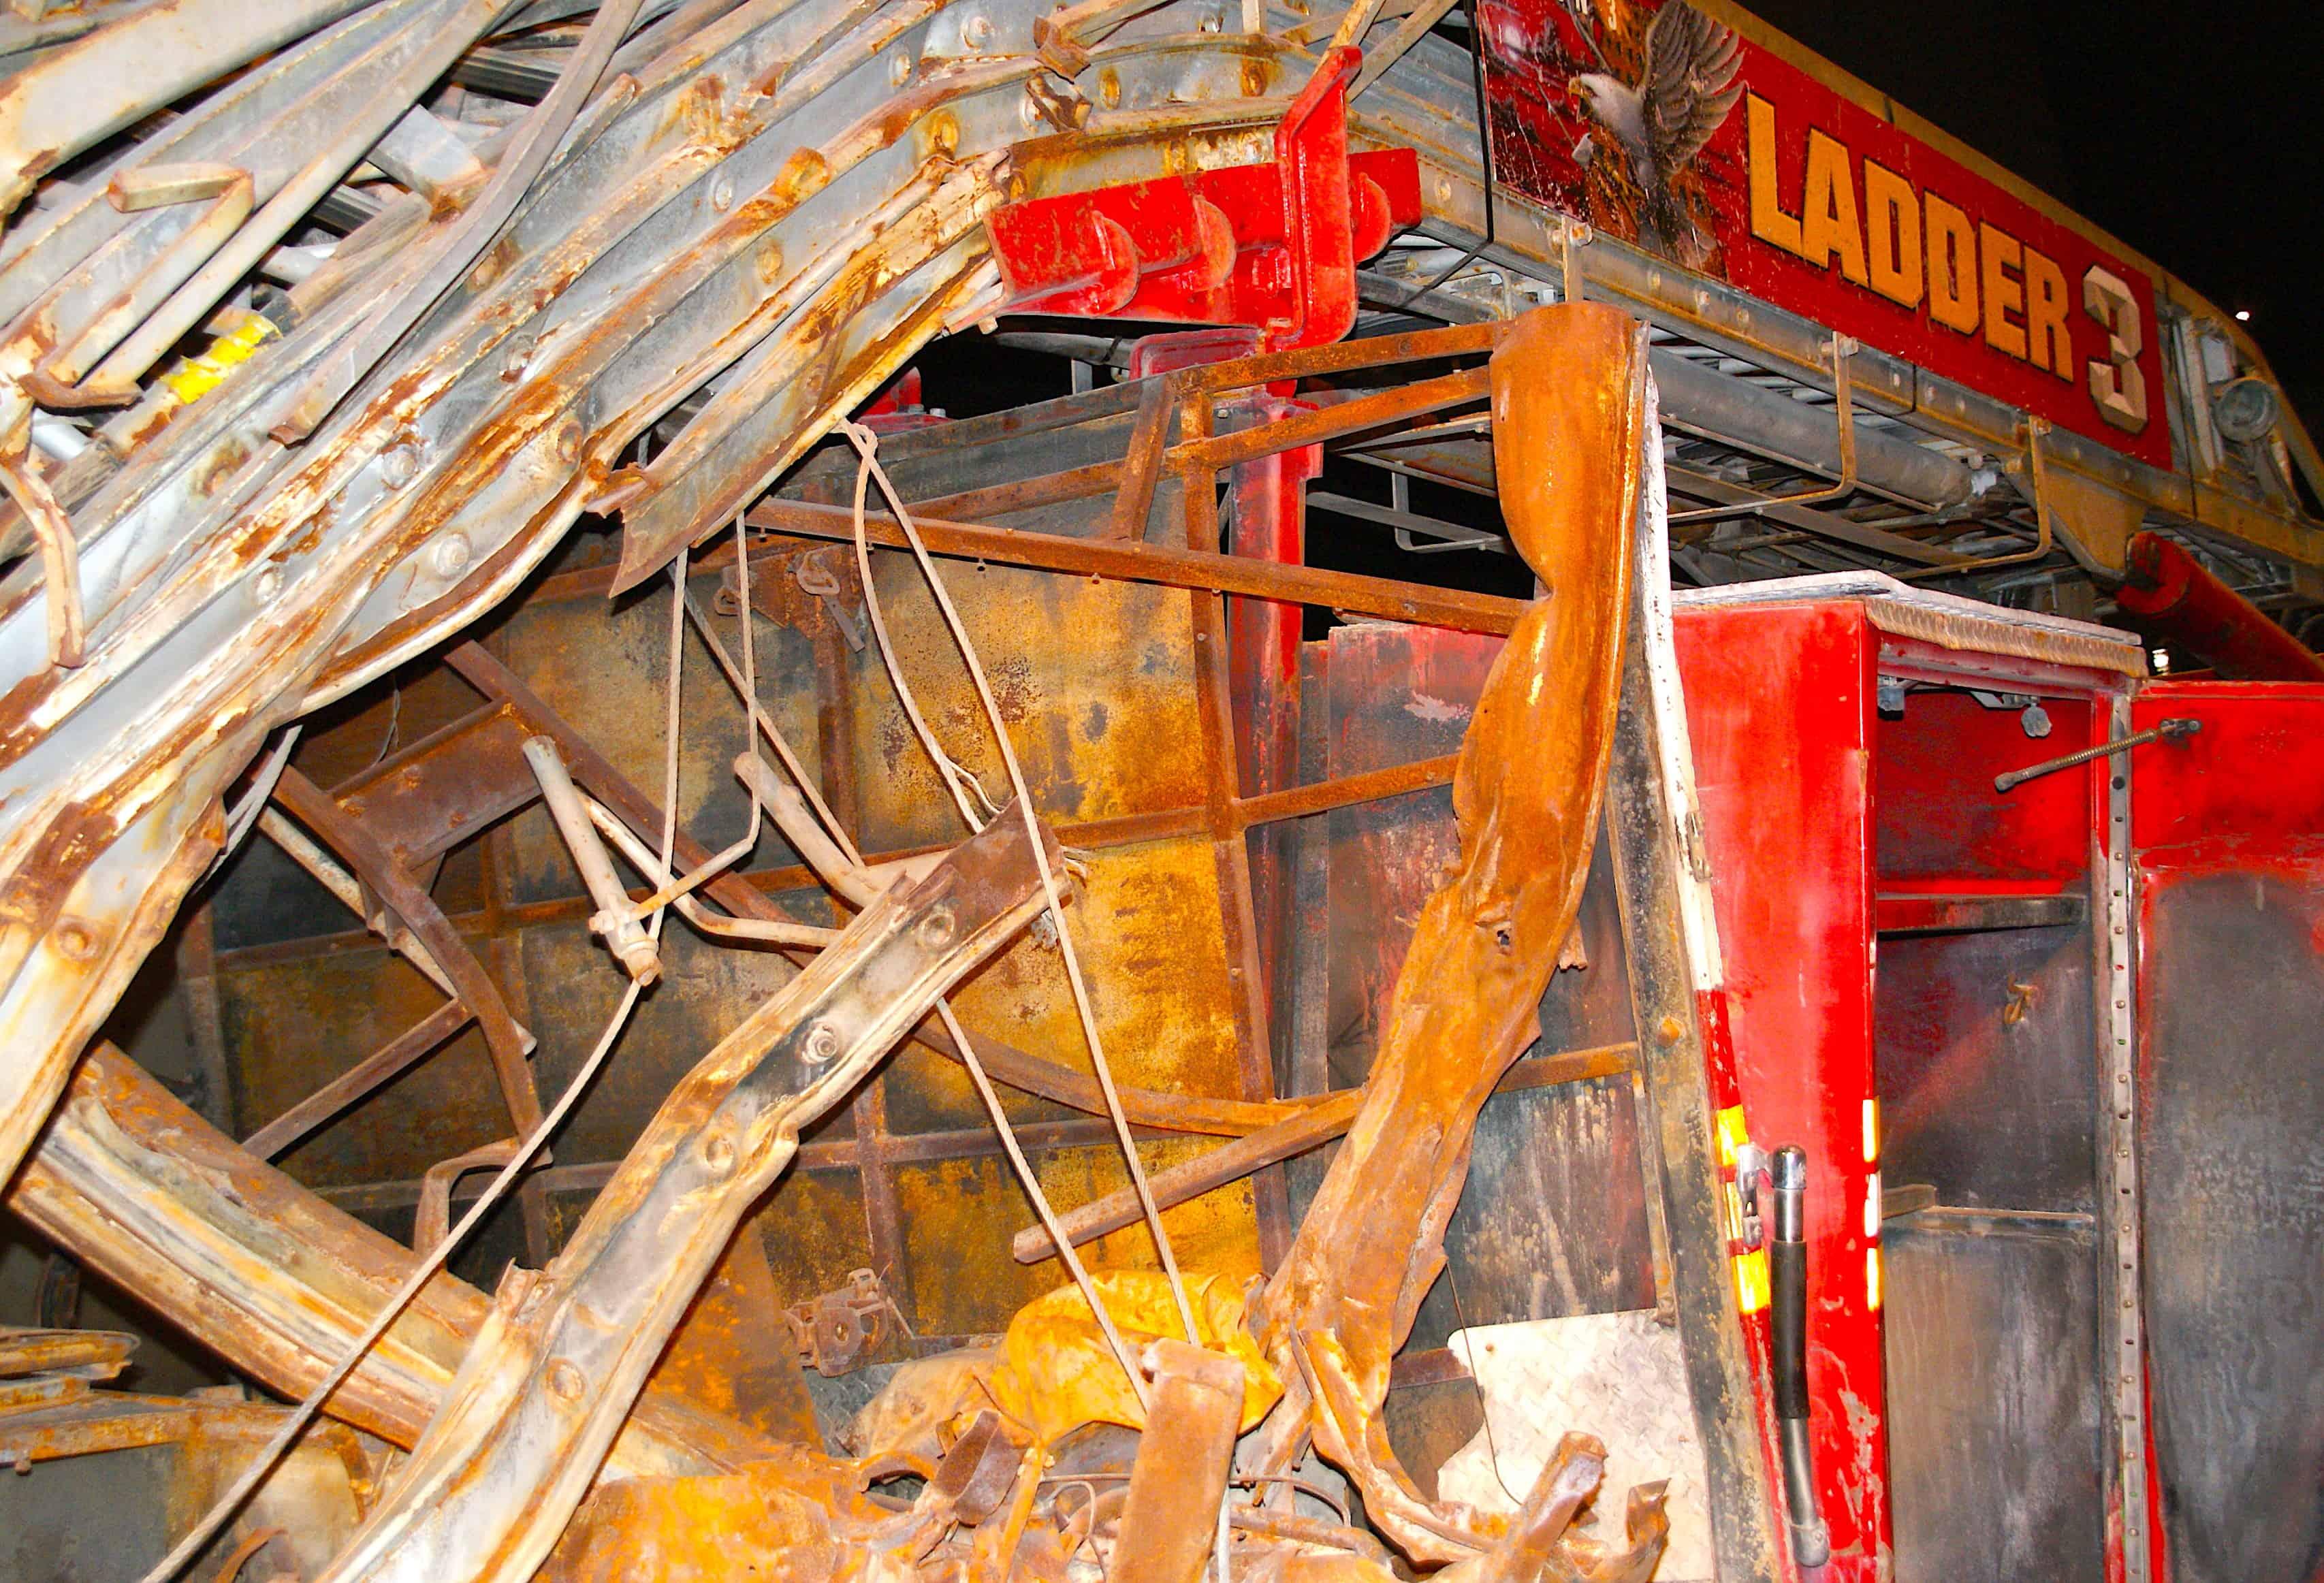 911 Museum Ladder 3 Midtown Manhattan